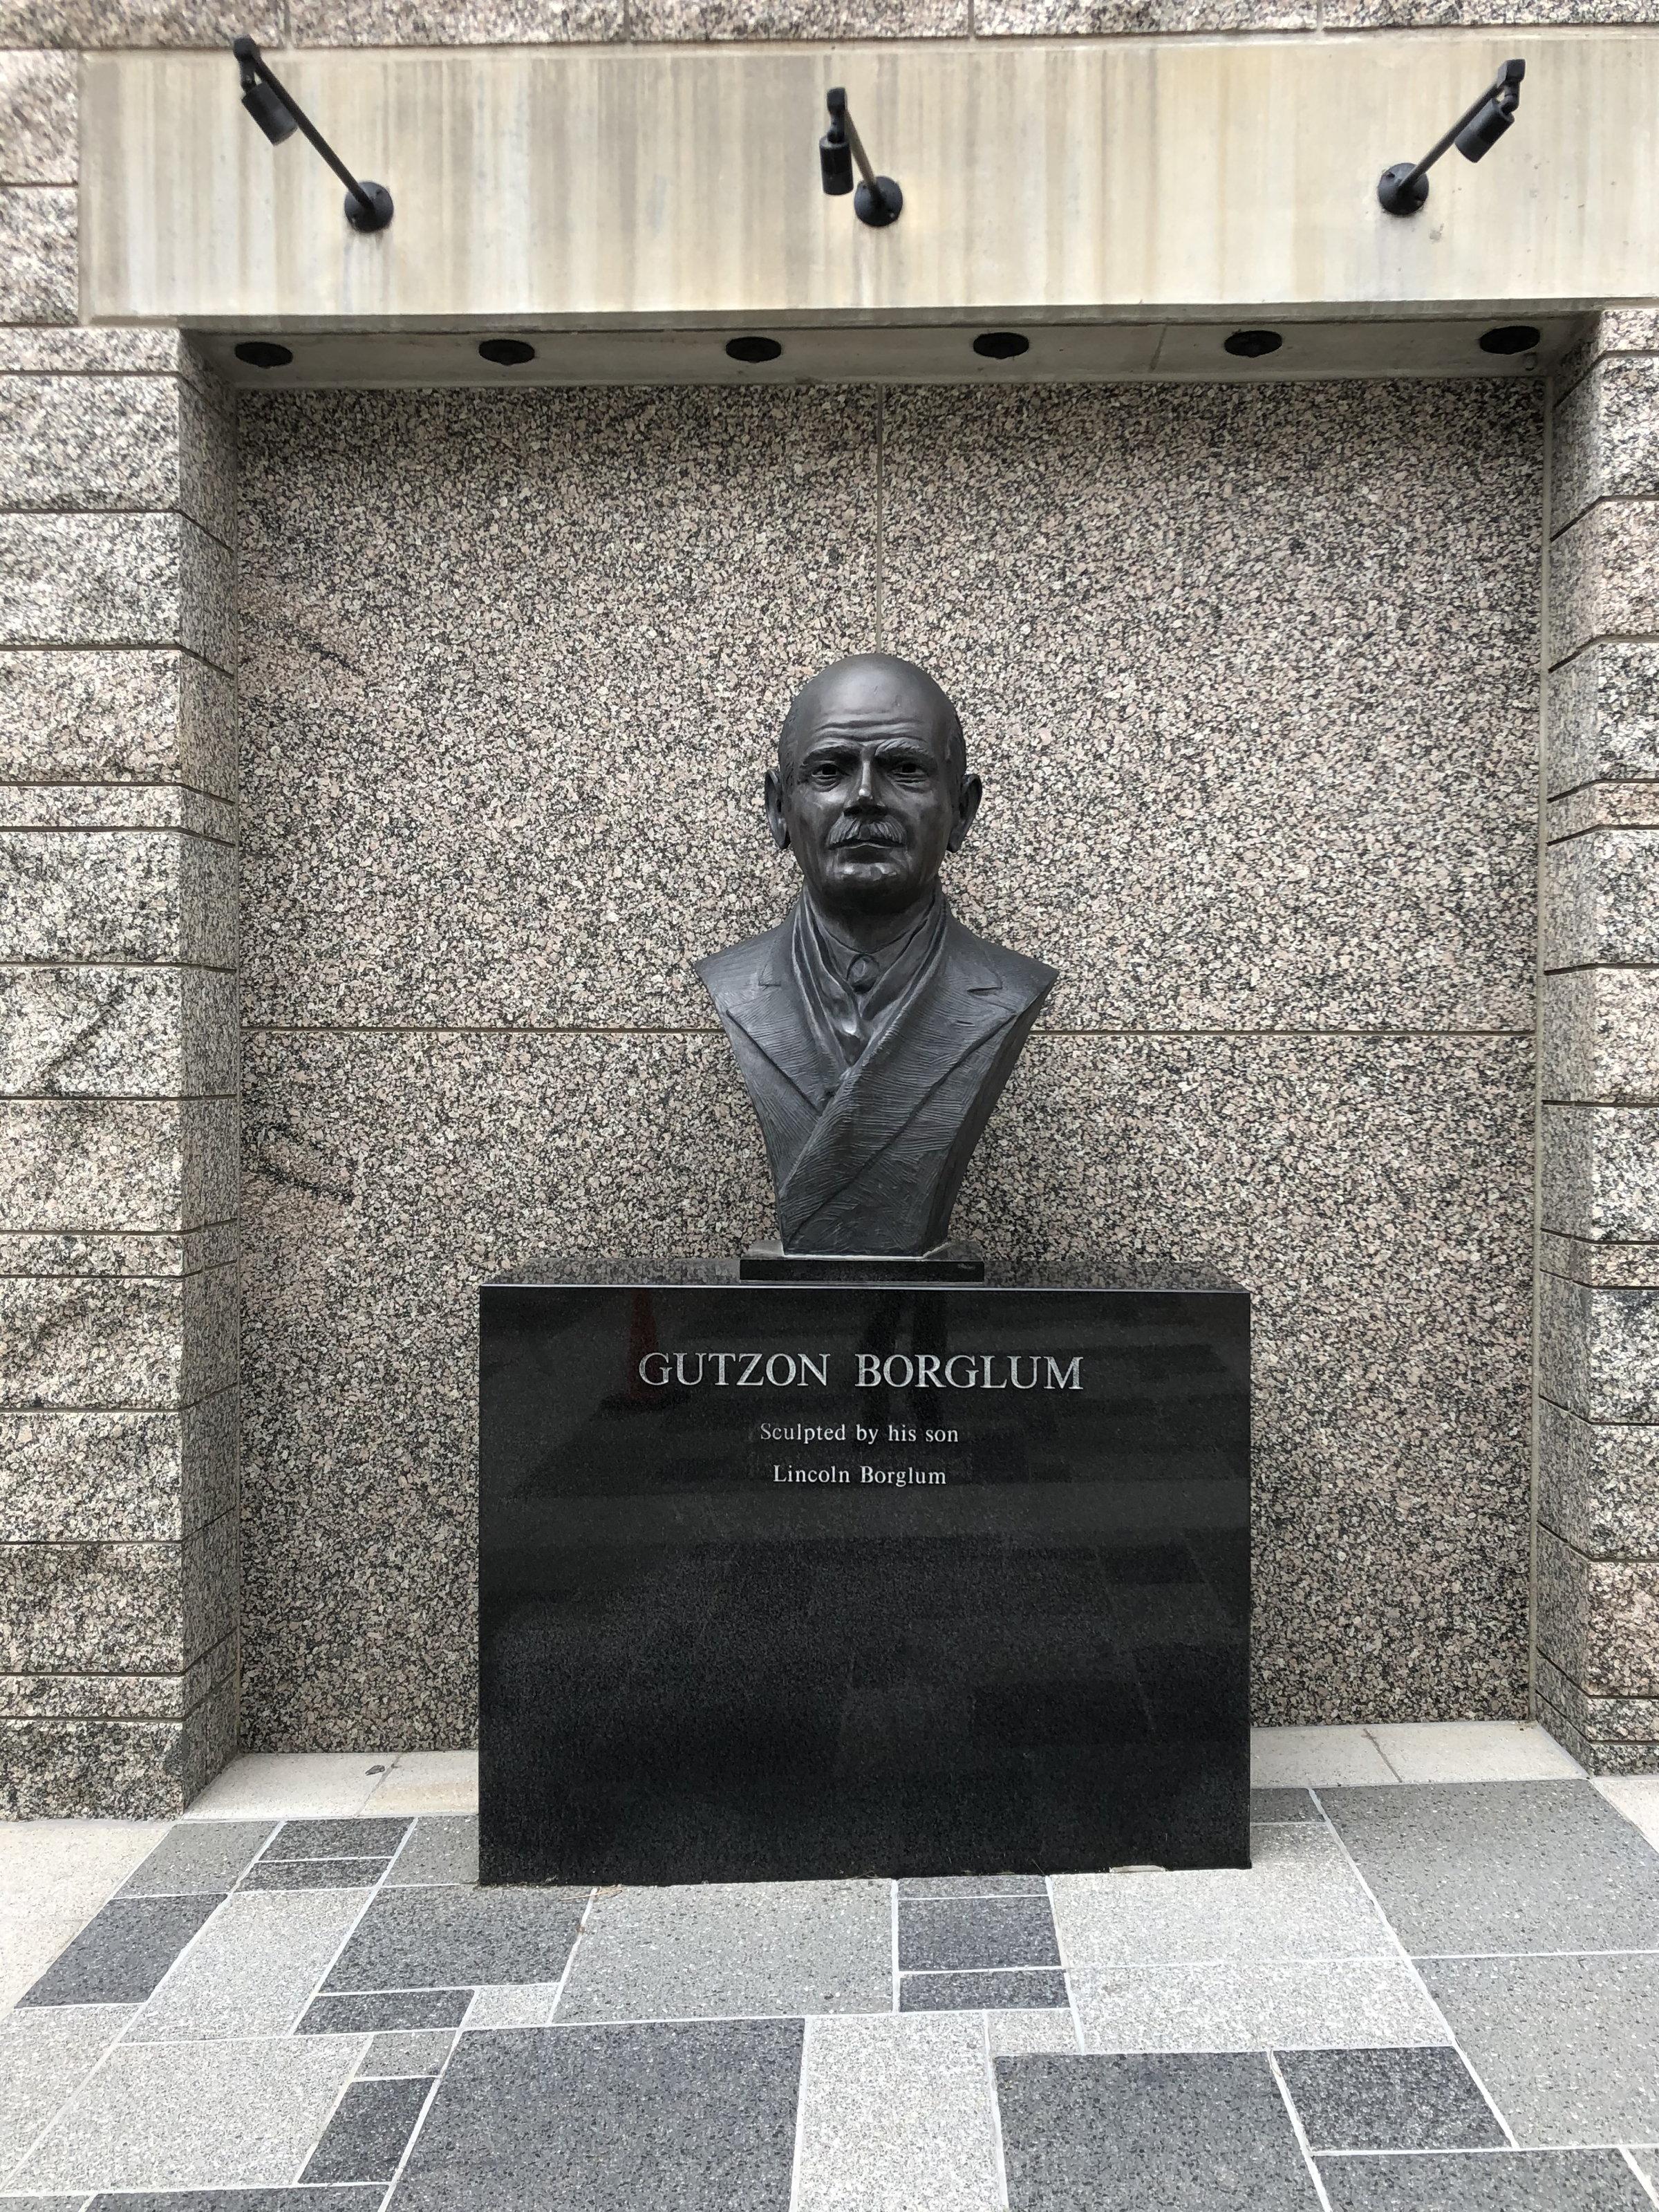 A bust of Gutzon Borglum